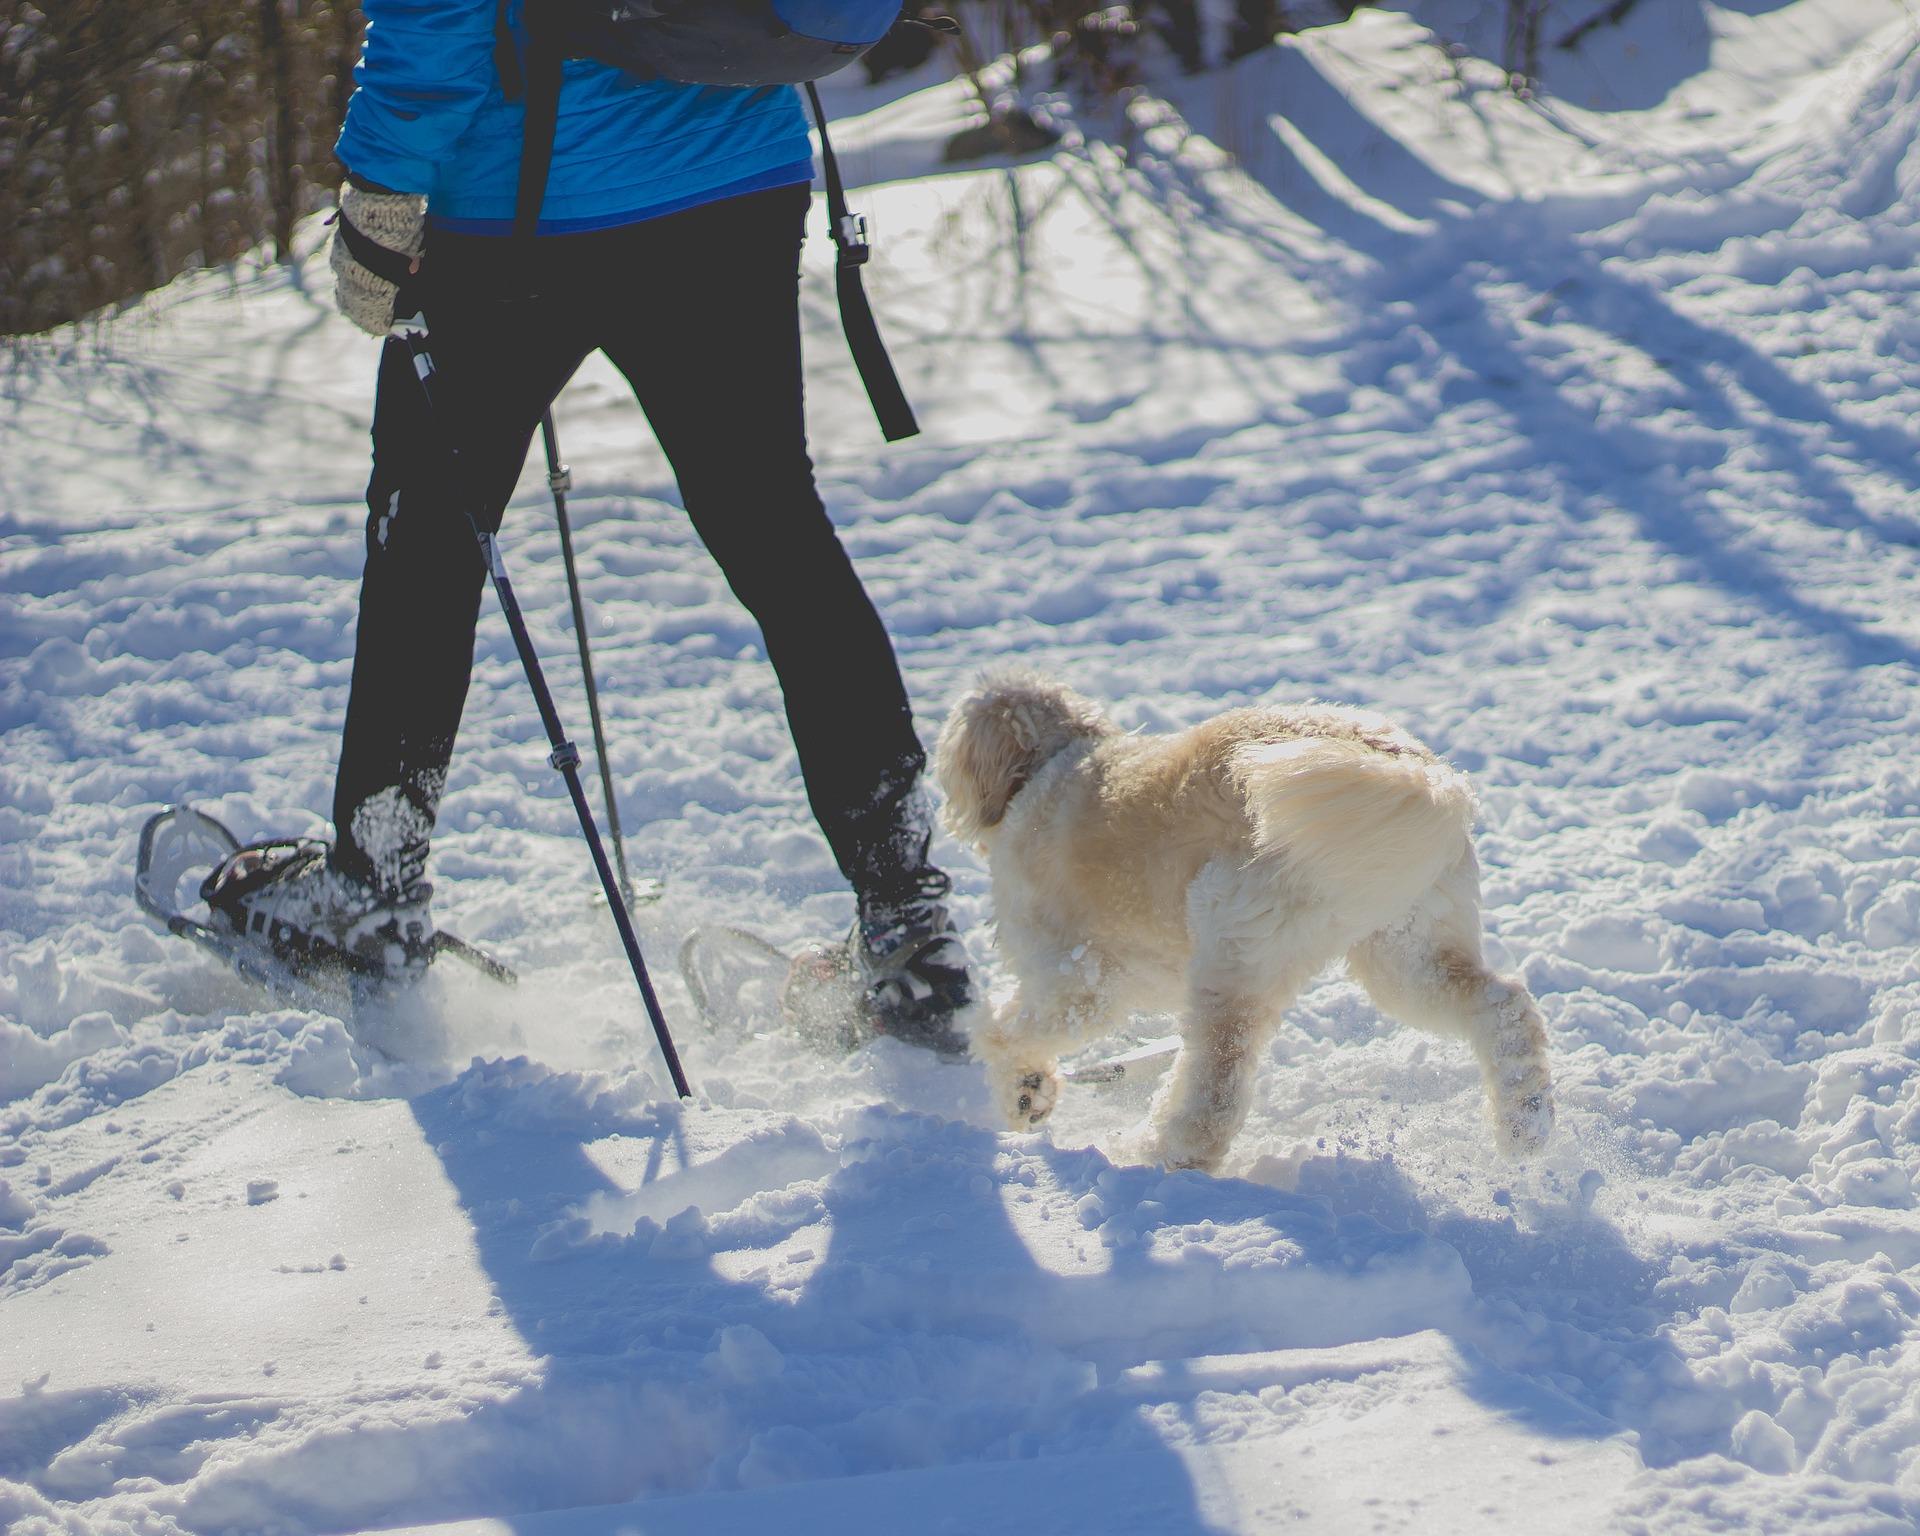 ir a la nieve con perro seguridad